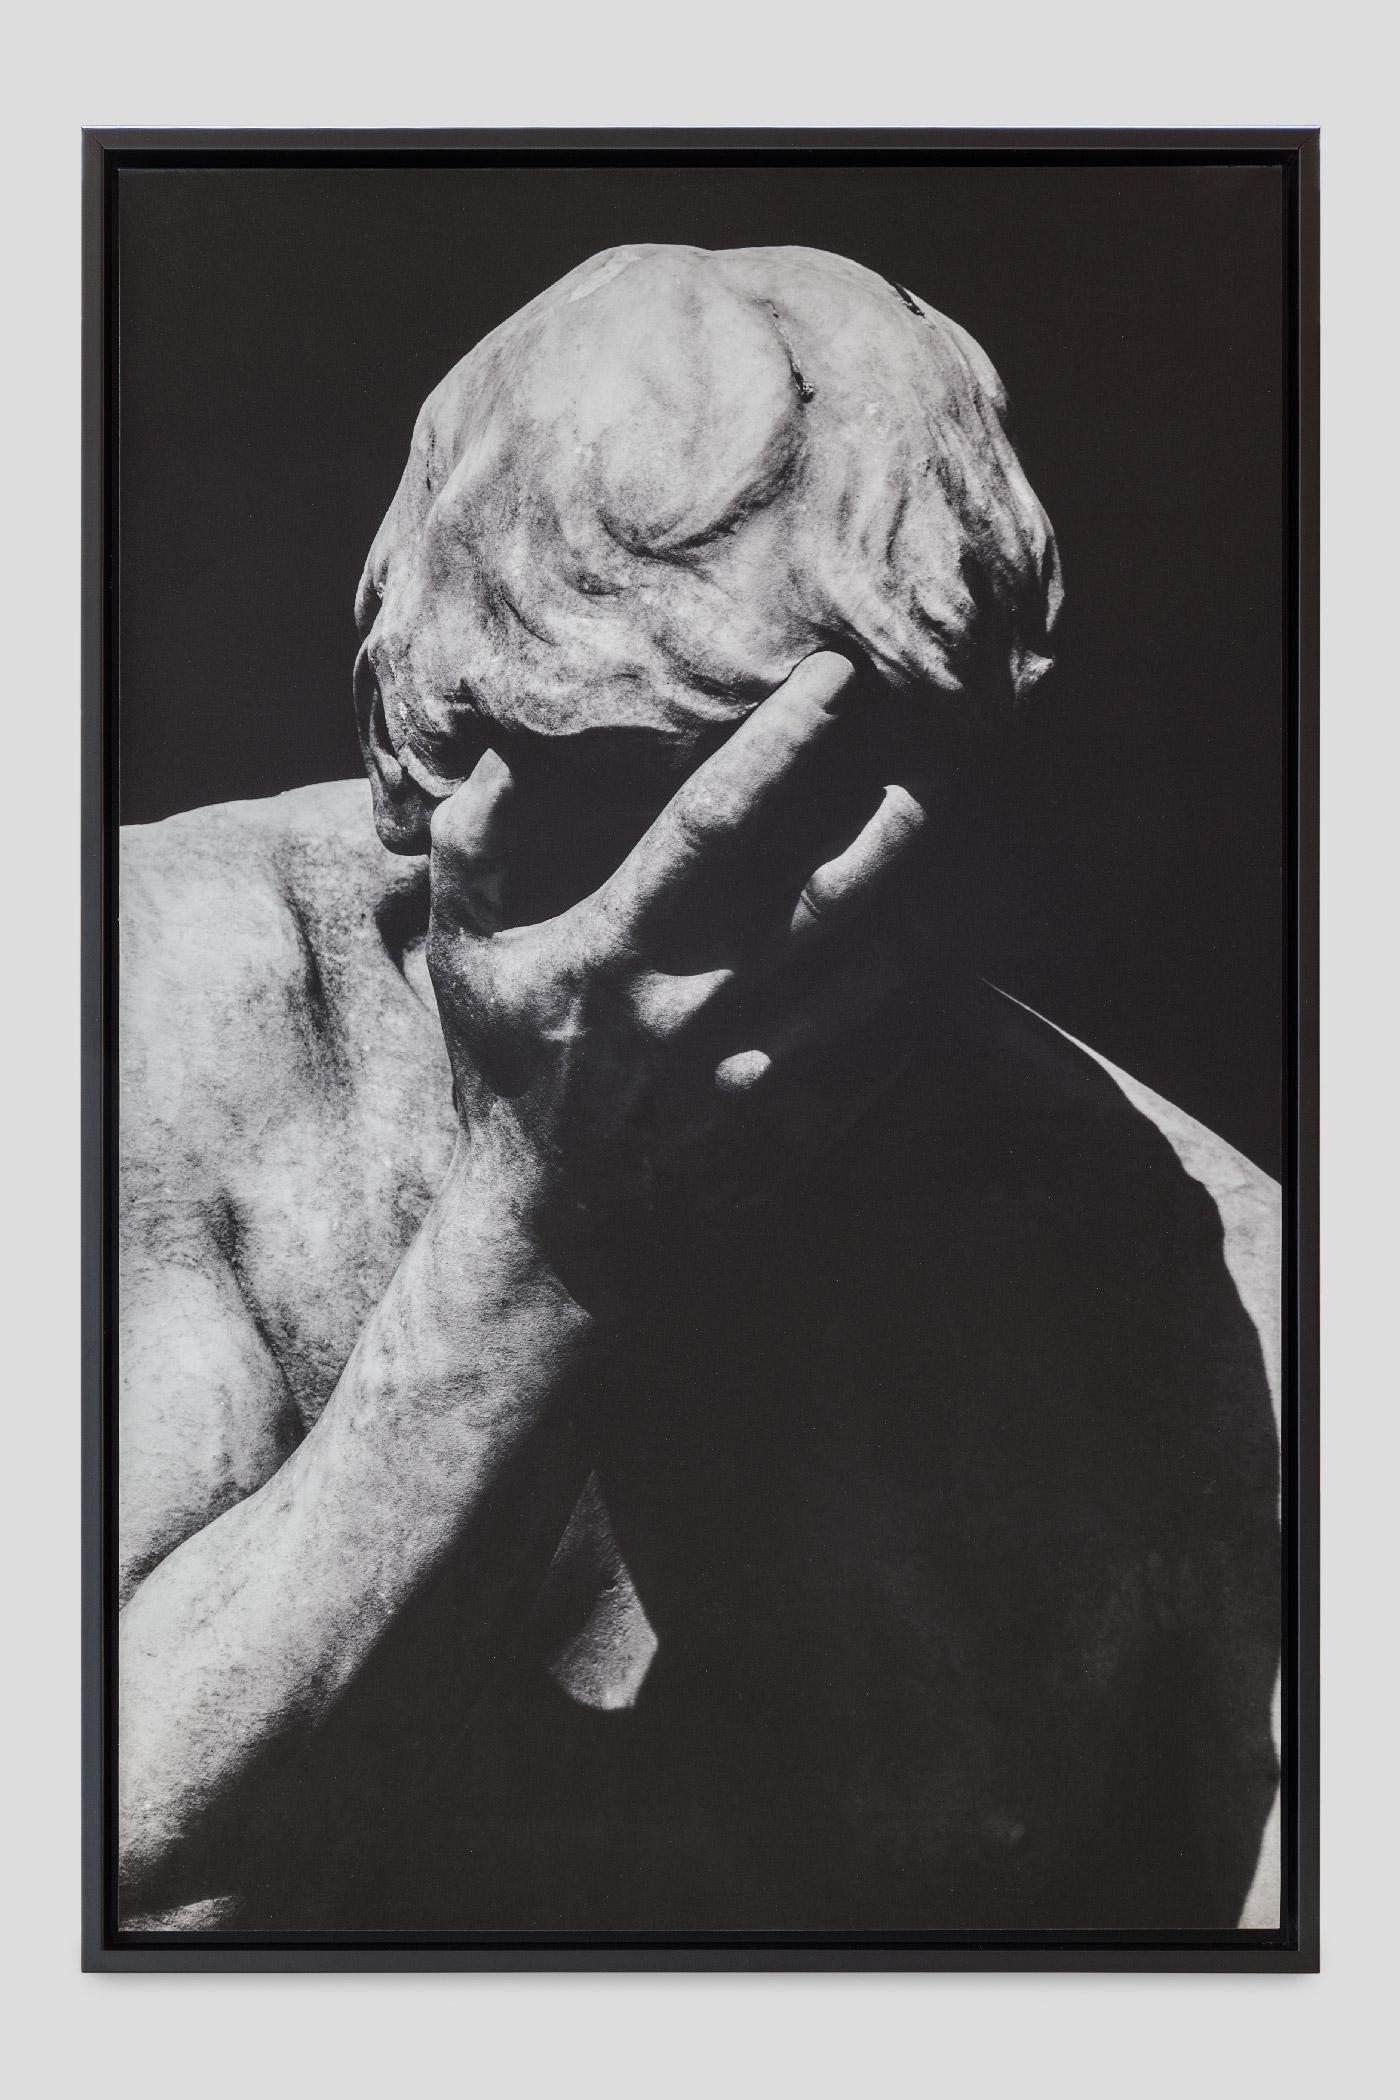 Caïn venant de tuer son frère Abel, Henri Vidal (1896), Jardin des Tuileries, Paris   Photographic print on Hahnemühle paper, framed  40x60 cm  2017